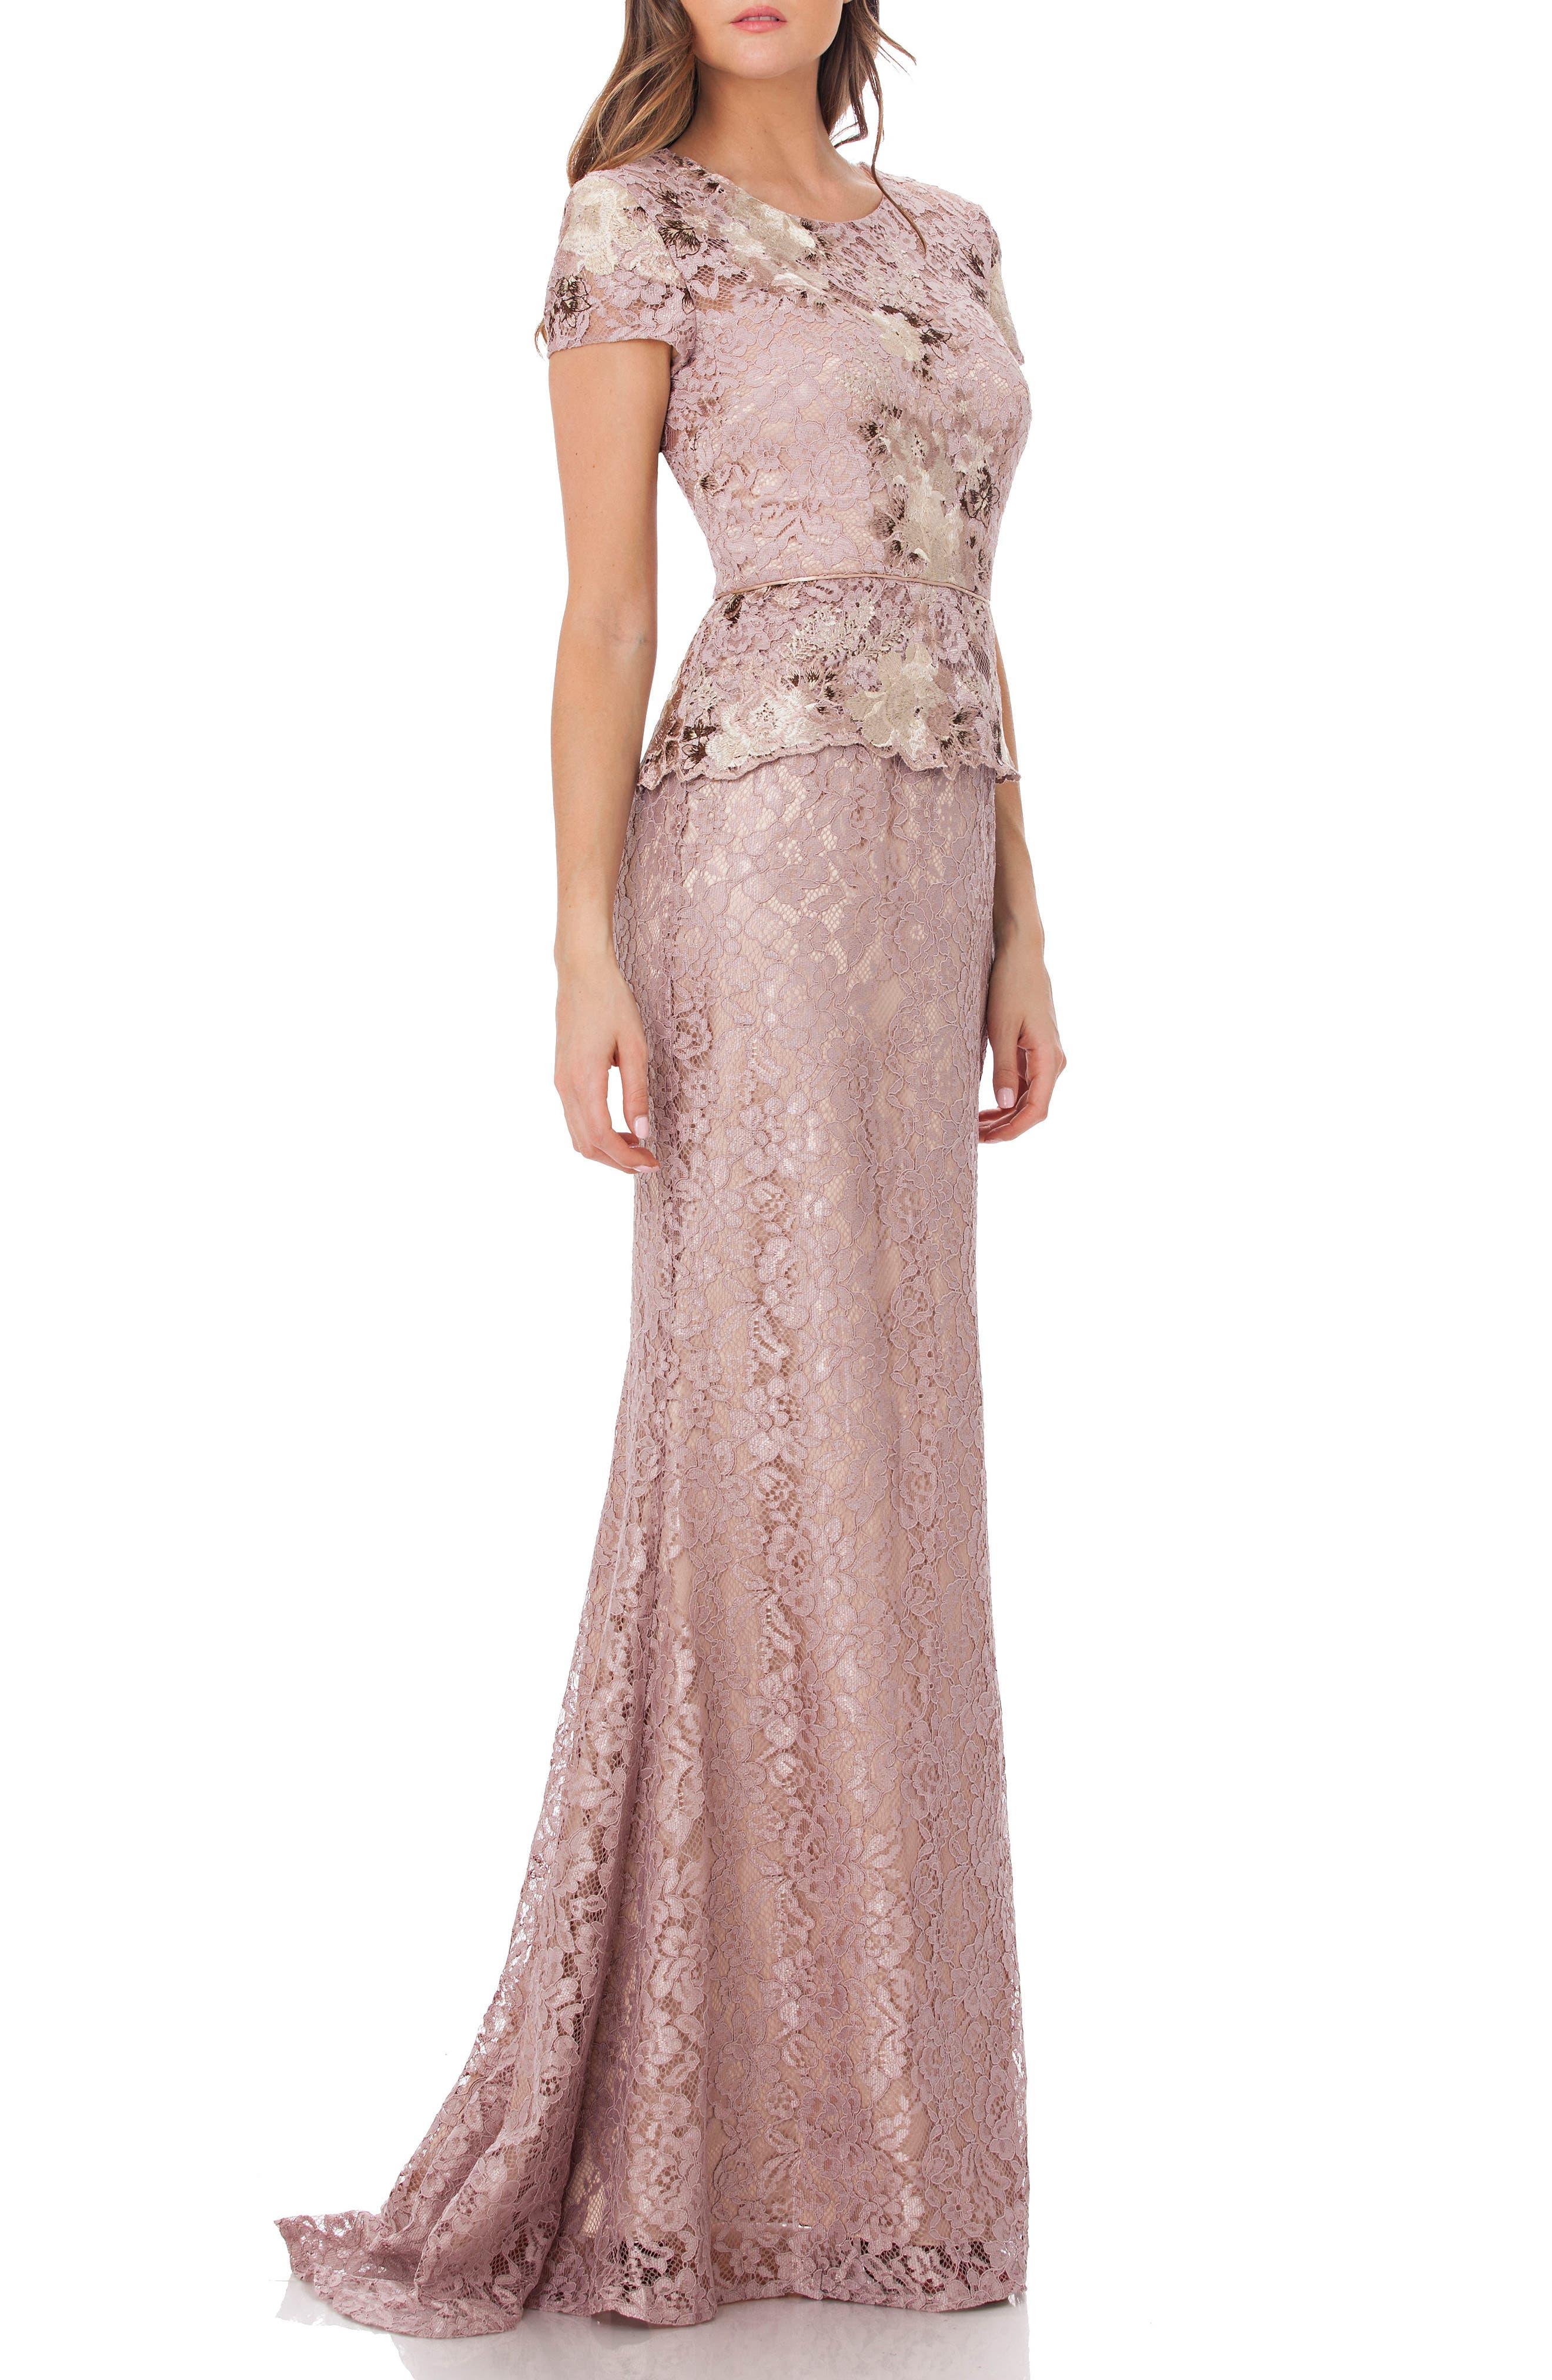 JS COLLECTIONS Lace Gown, Main, color, LAVENDER/ BLUSH